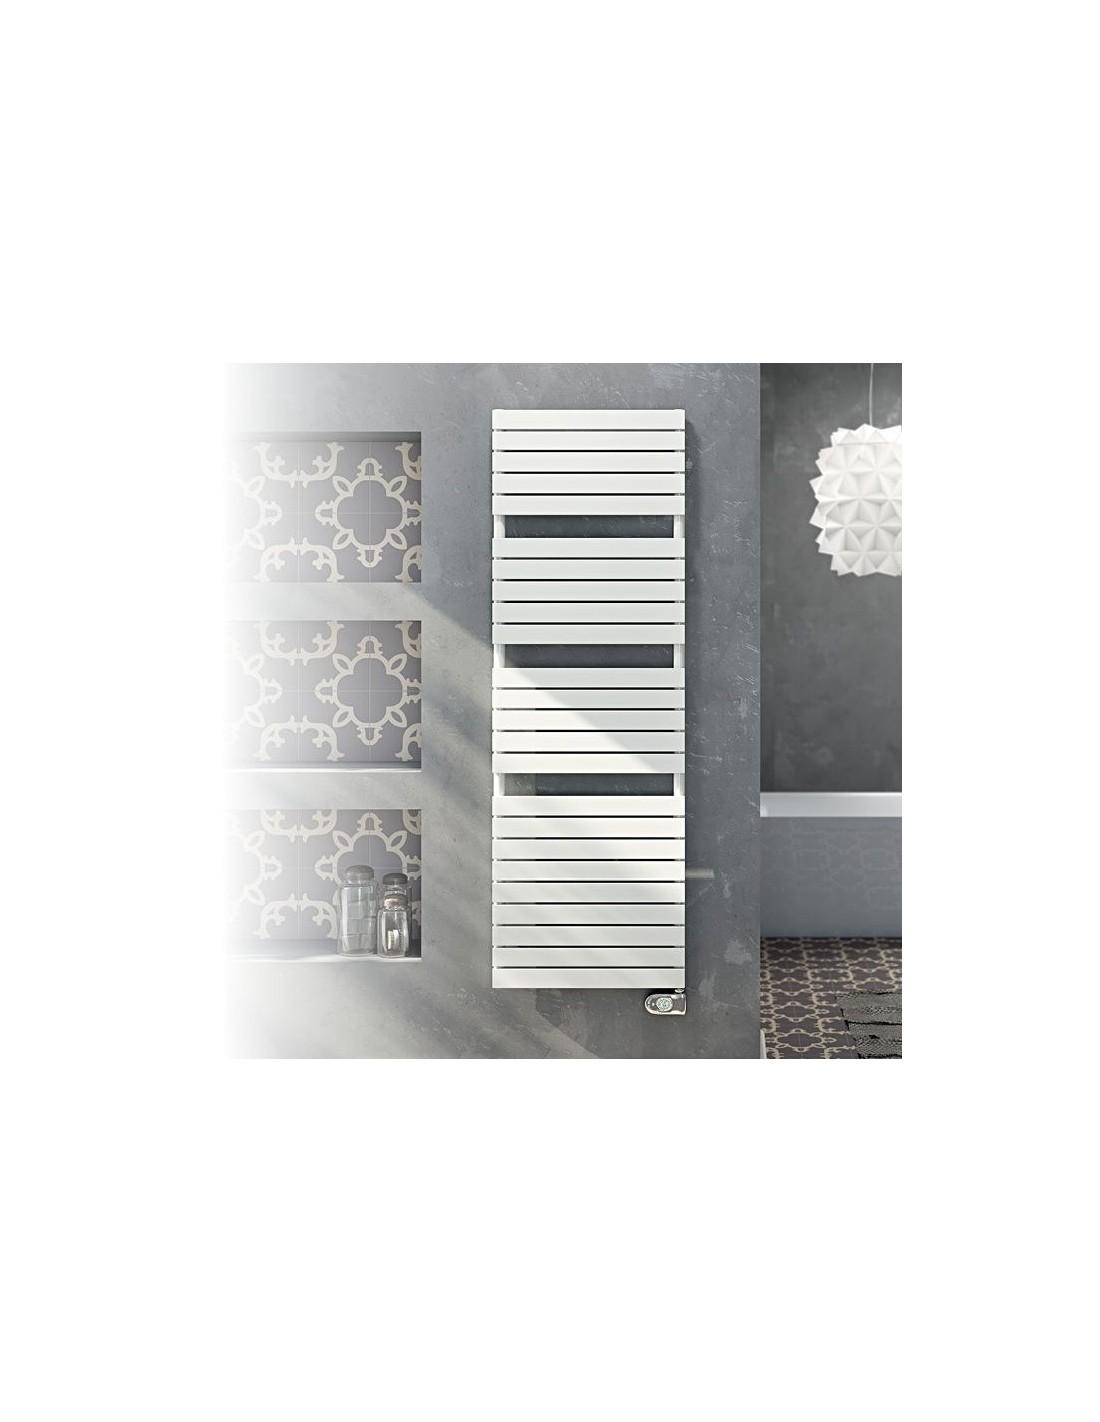 Sèche serviettes électrique Dory 900W finition blanche